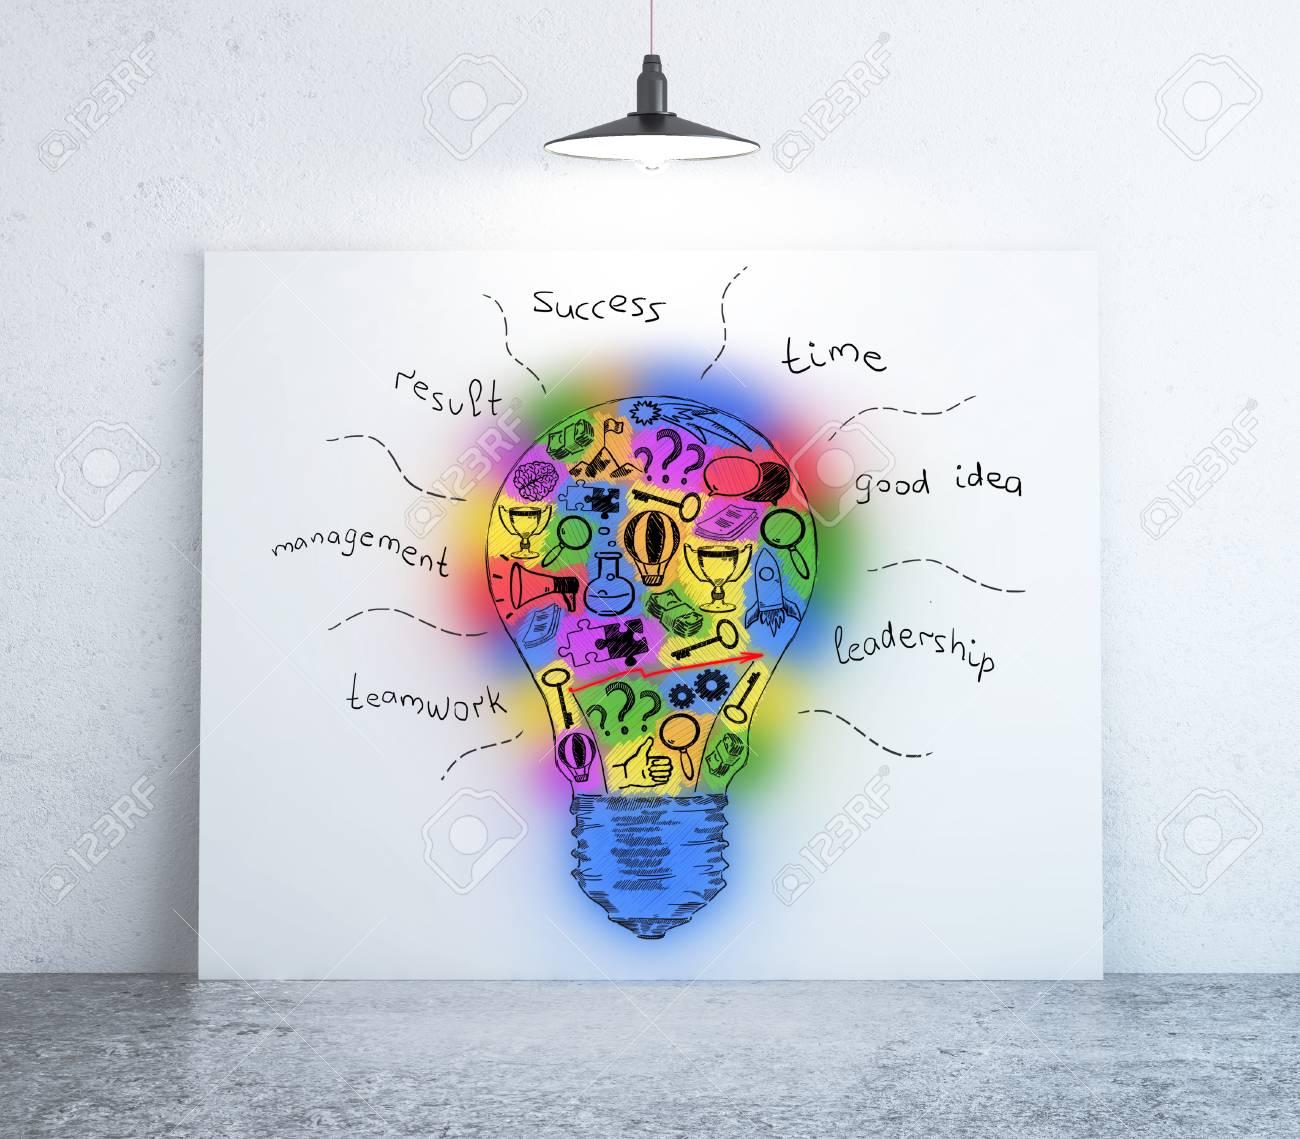 Chambre Avec Un Ebauche D Ampoules Colorees Sur Le Tableau Blanc Concept D Idee Creative Rendement 3d Banque D Images Et Photos Libres De Droits Image 64315557